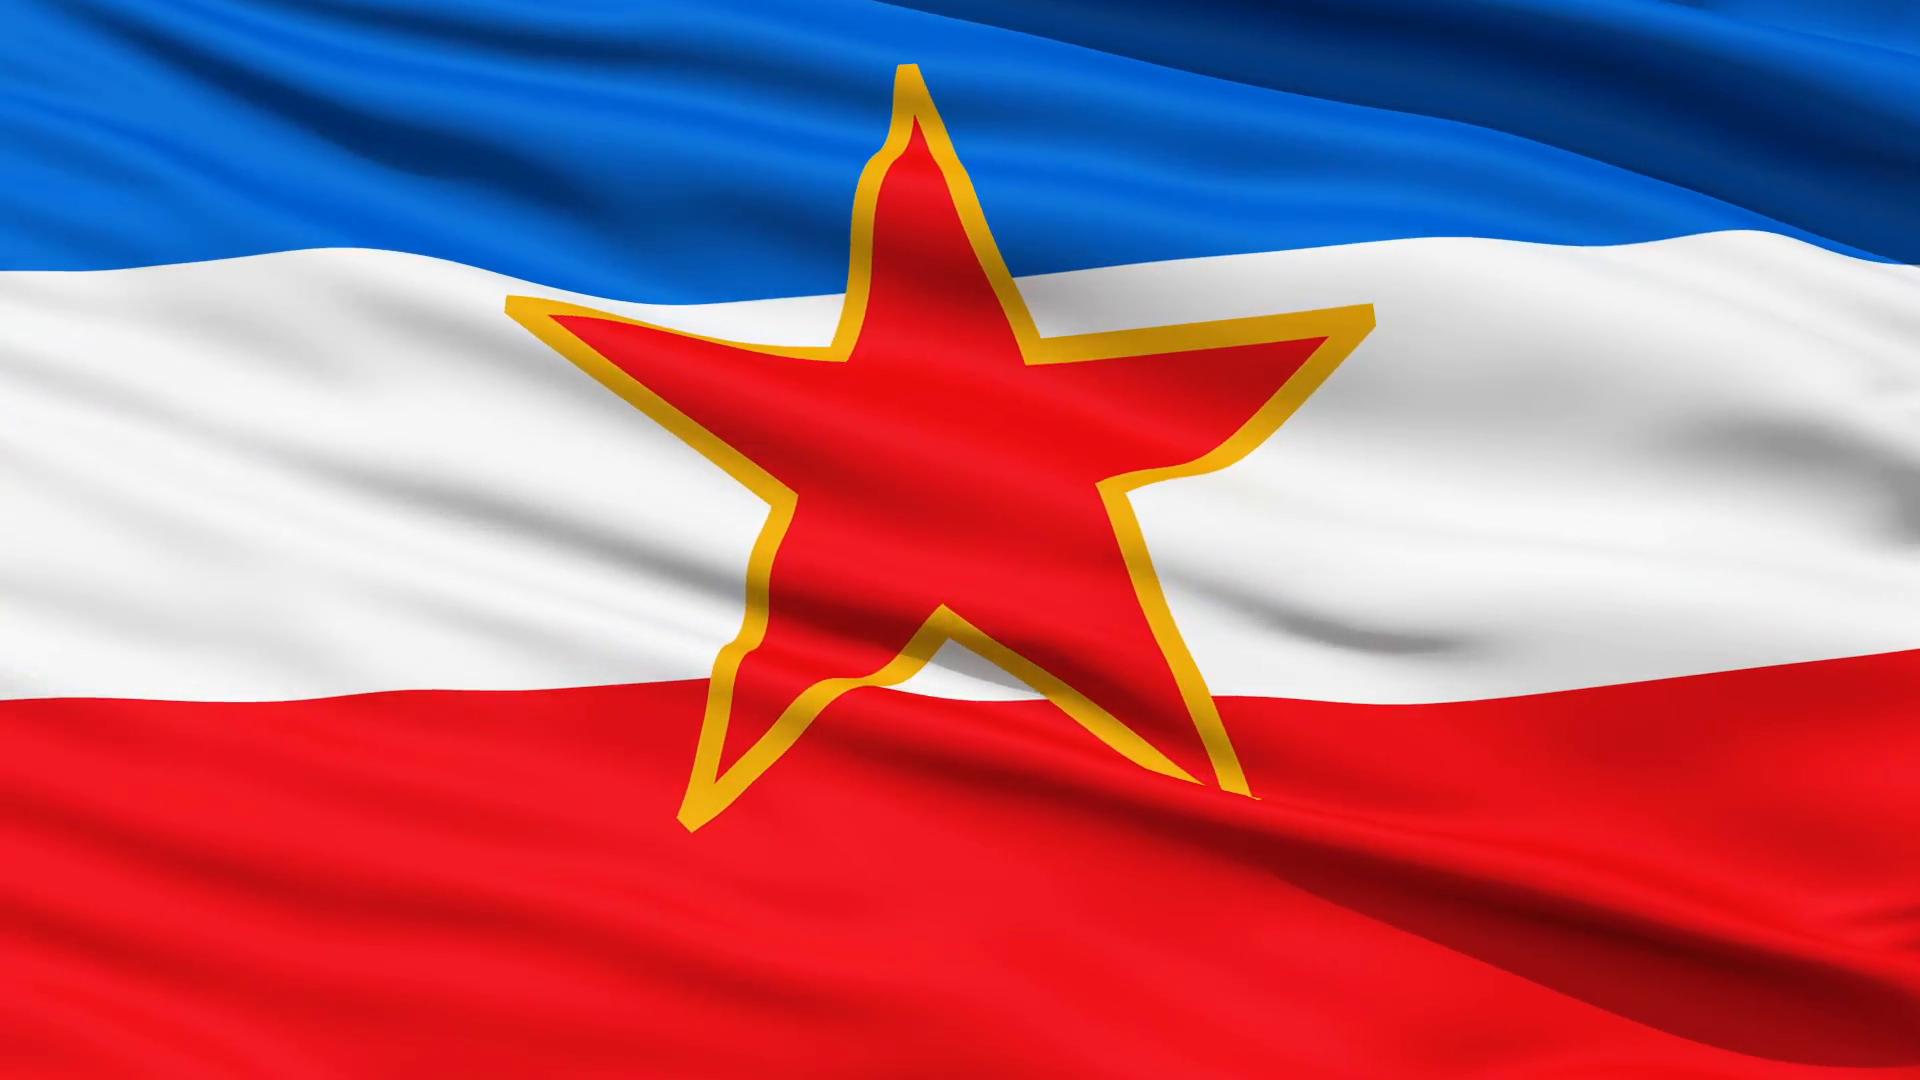 Một vài nét về mô hình 'chủ nghĩa xã hội tự quản' của Nam Tư cũ